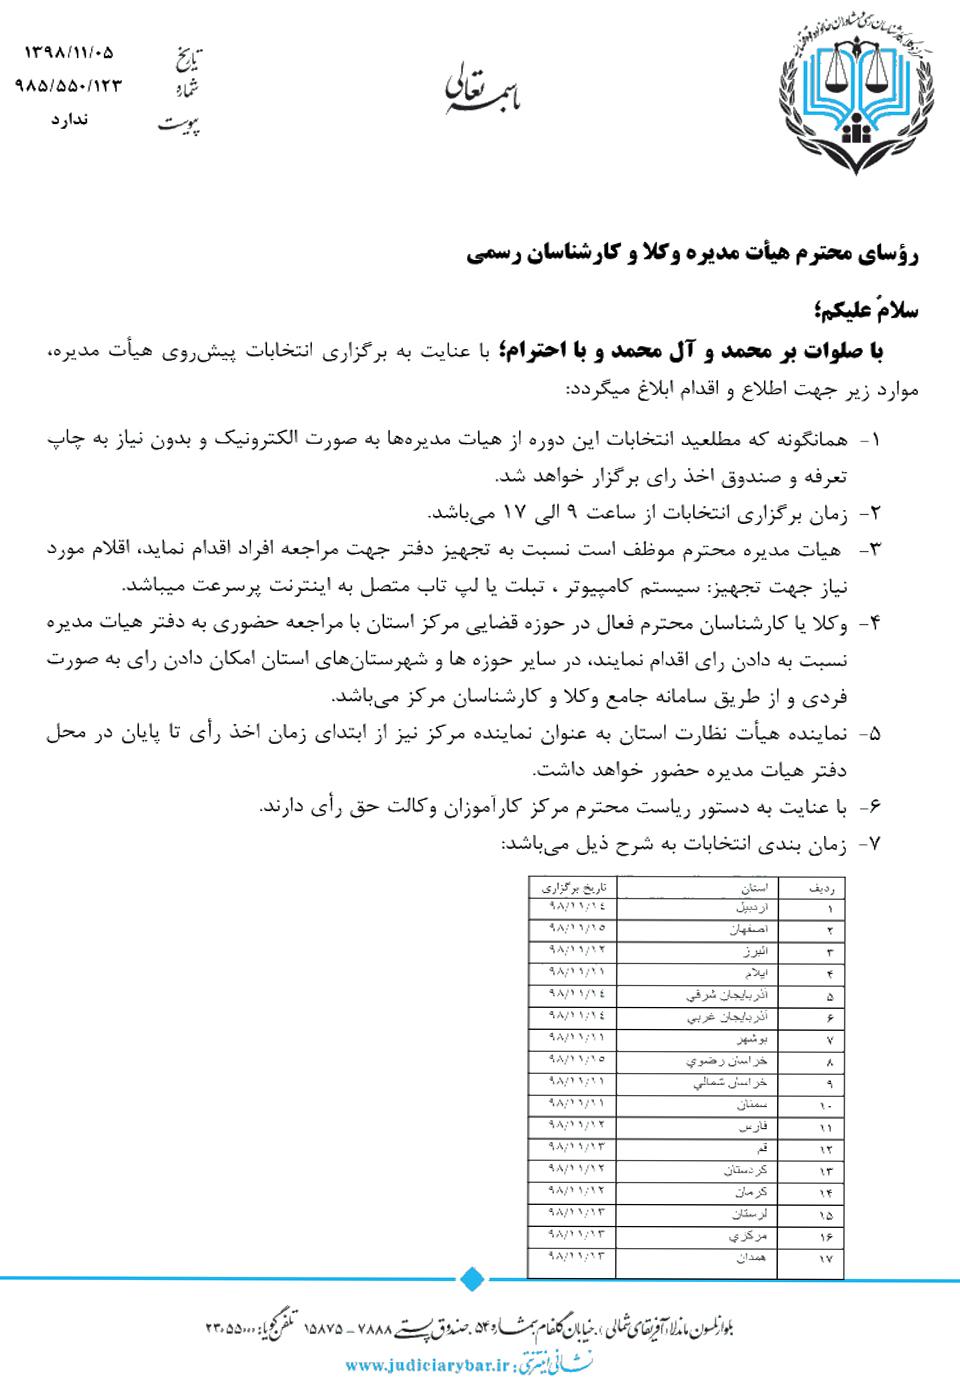 شرایط و طمان و محل انتخابات هیئت مدیره